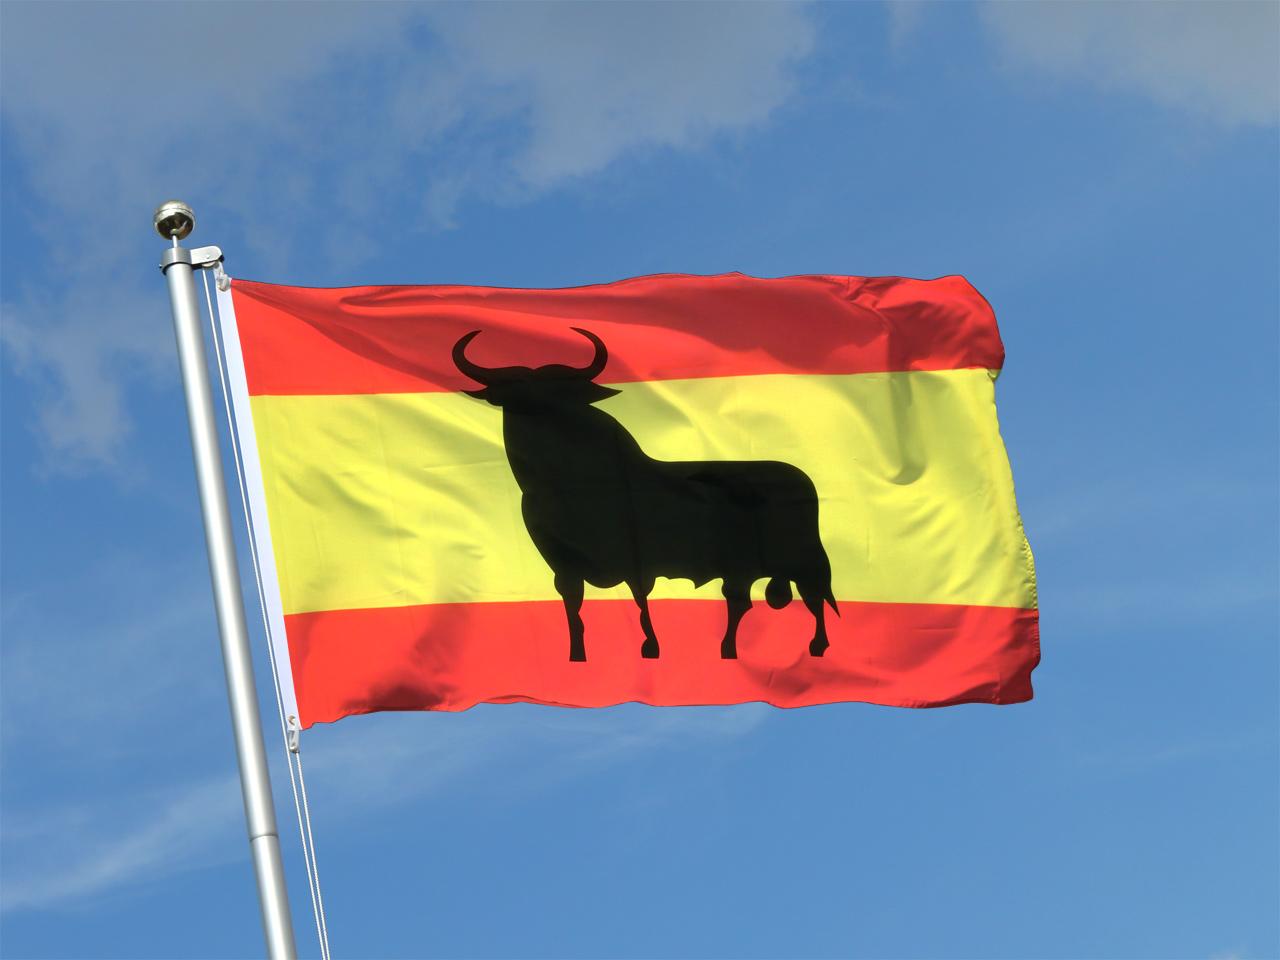 Flagge spanien mit stier kaufen 90 x 150 cm for Dekoration spanien